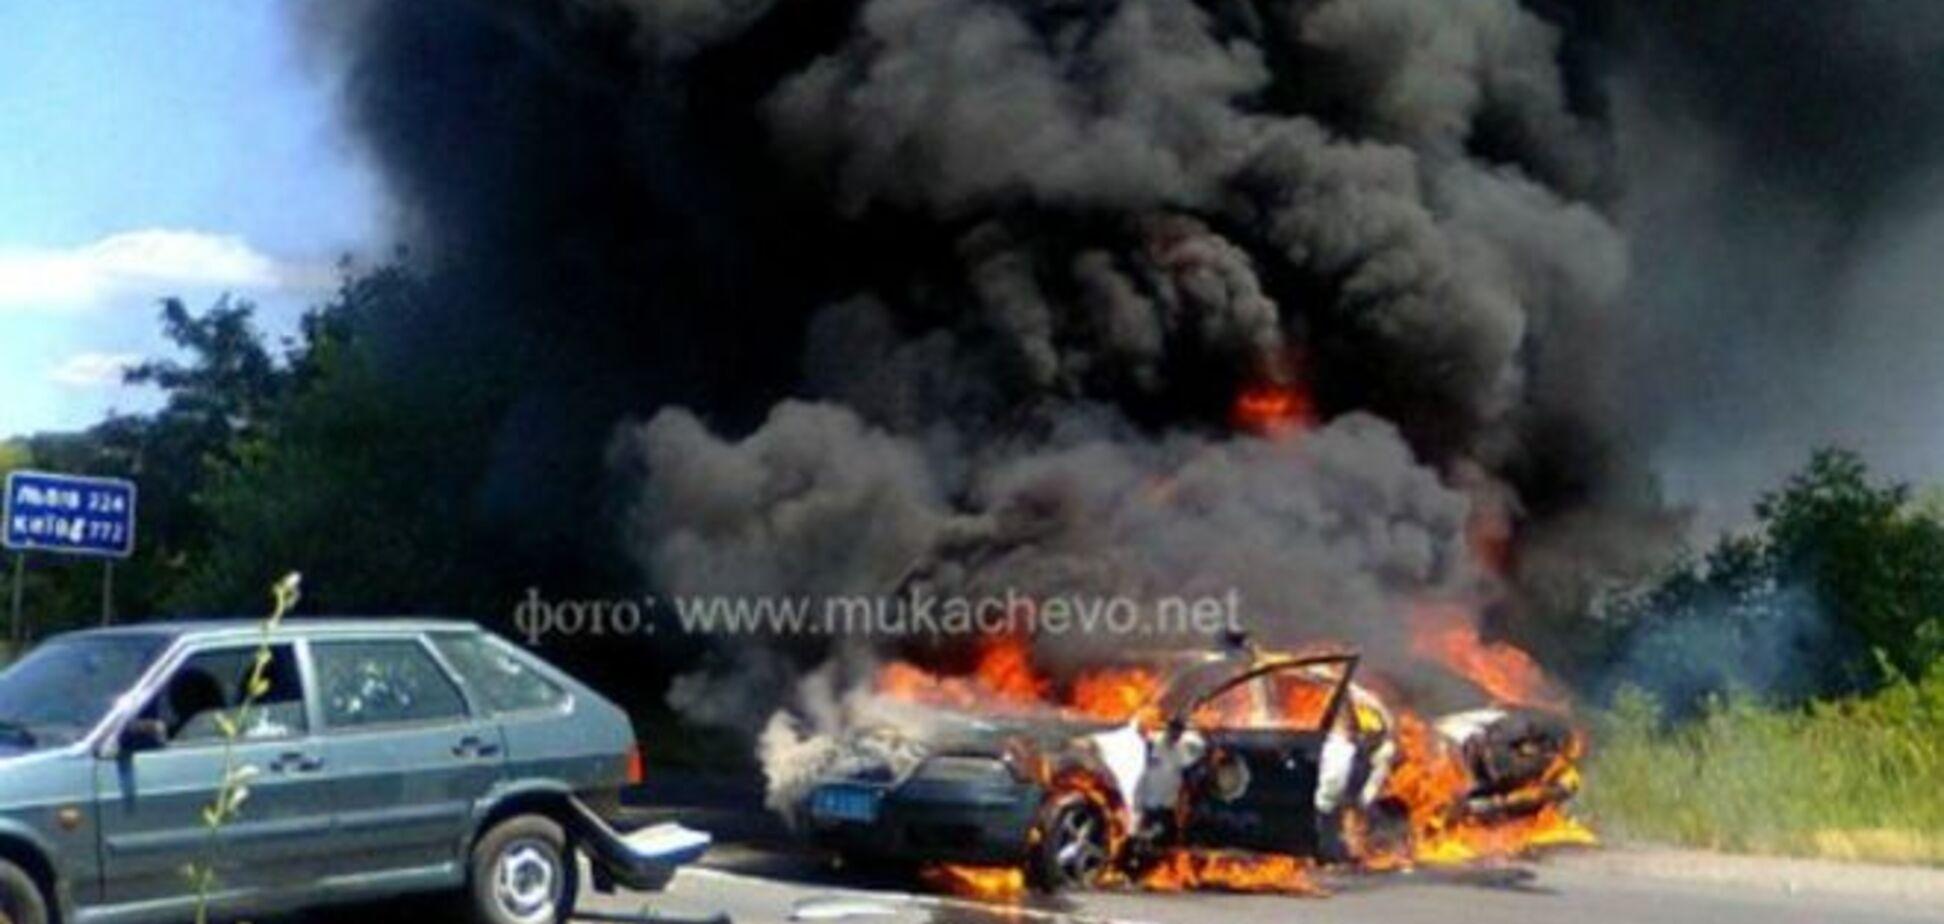 Активисты 'ПС', стрелявшие в Мукачево, зимой избили волонтеров